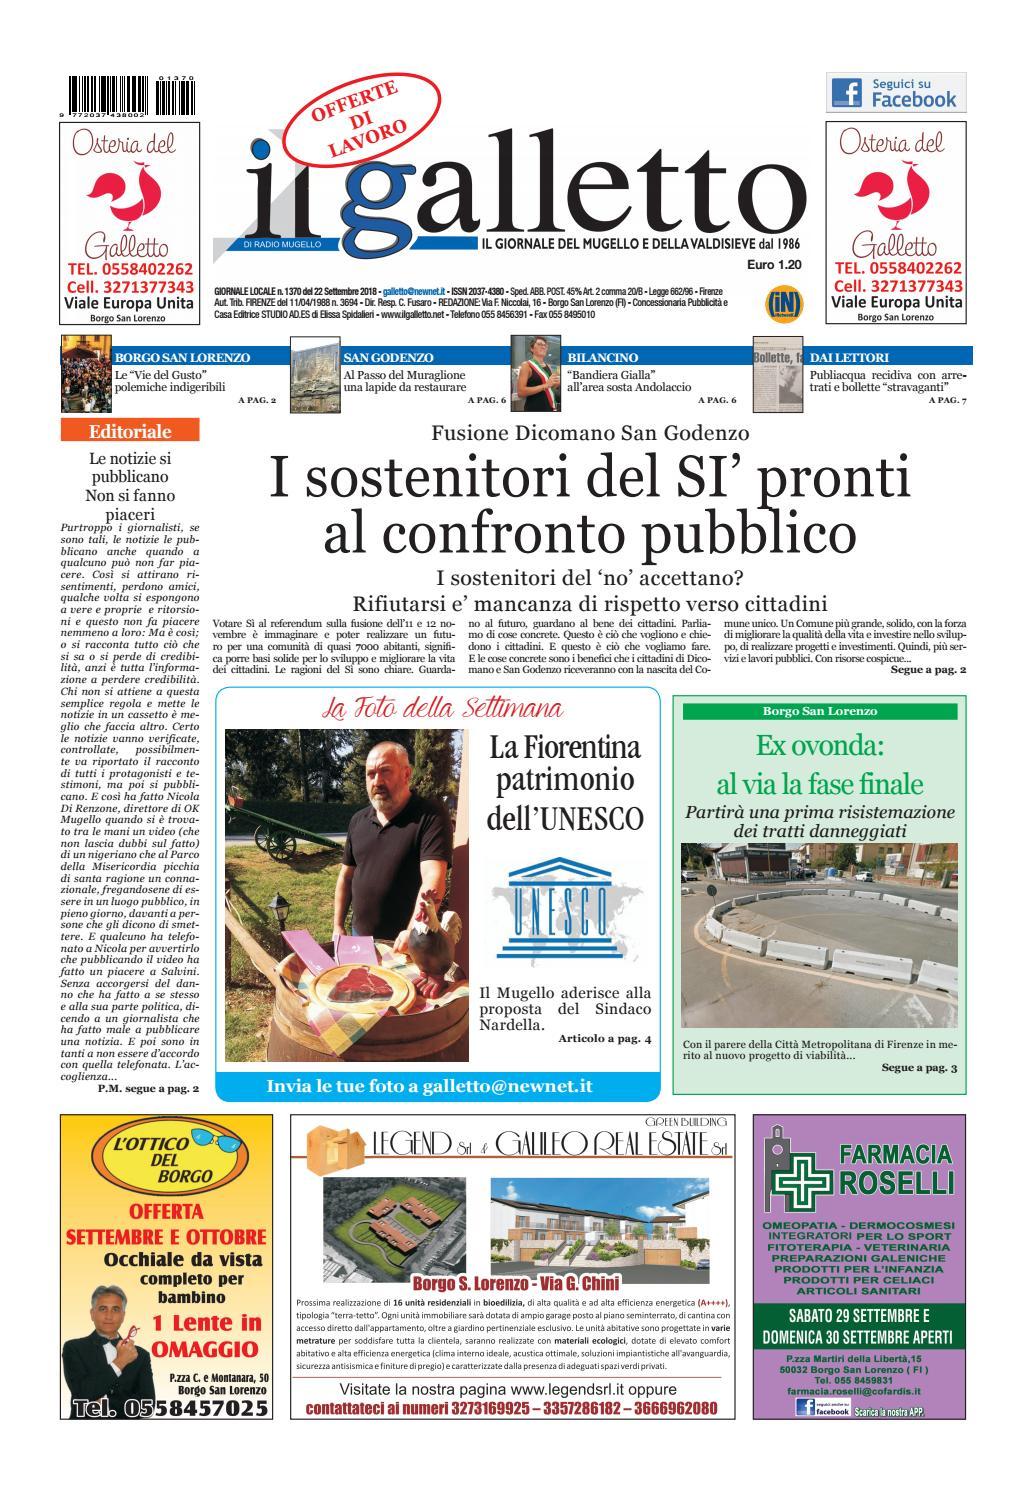 galletto 1370 del 22 settembre 2018 by Il Galletto Giornale - issuu 241d98d4dd